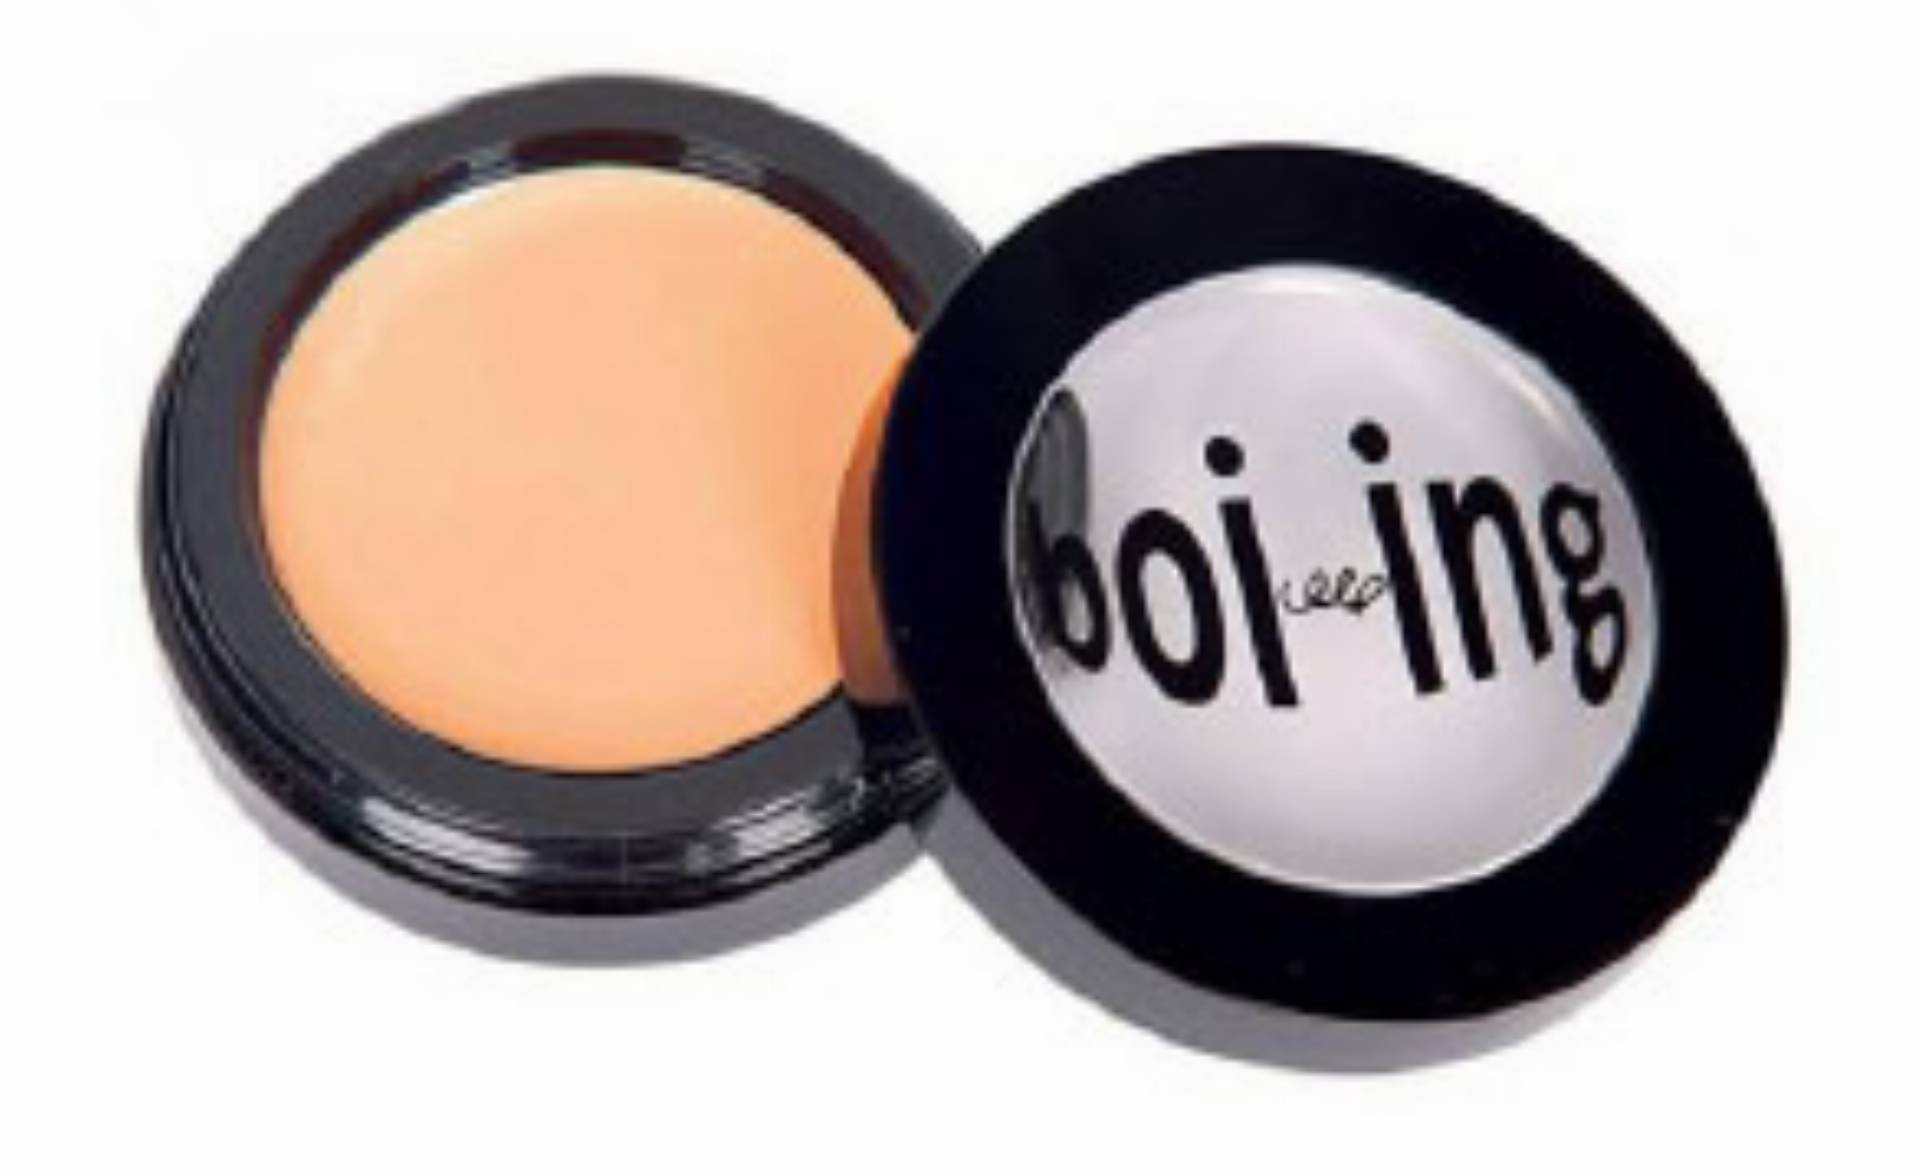 korektory-pod-oczy-przeglad-Boi-ing-(Benefit,-3-g,-130-zl